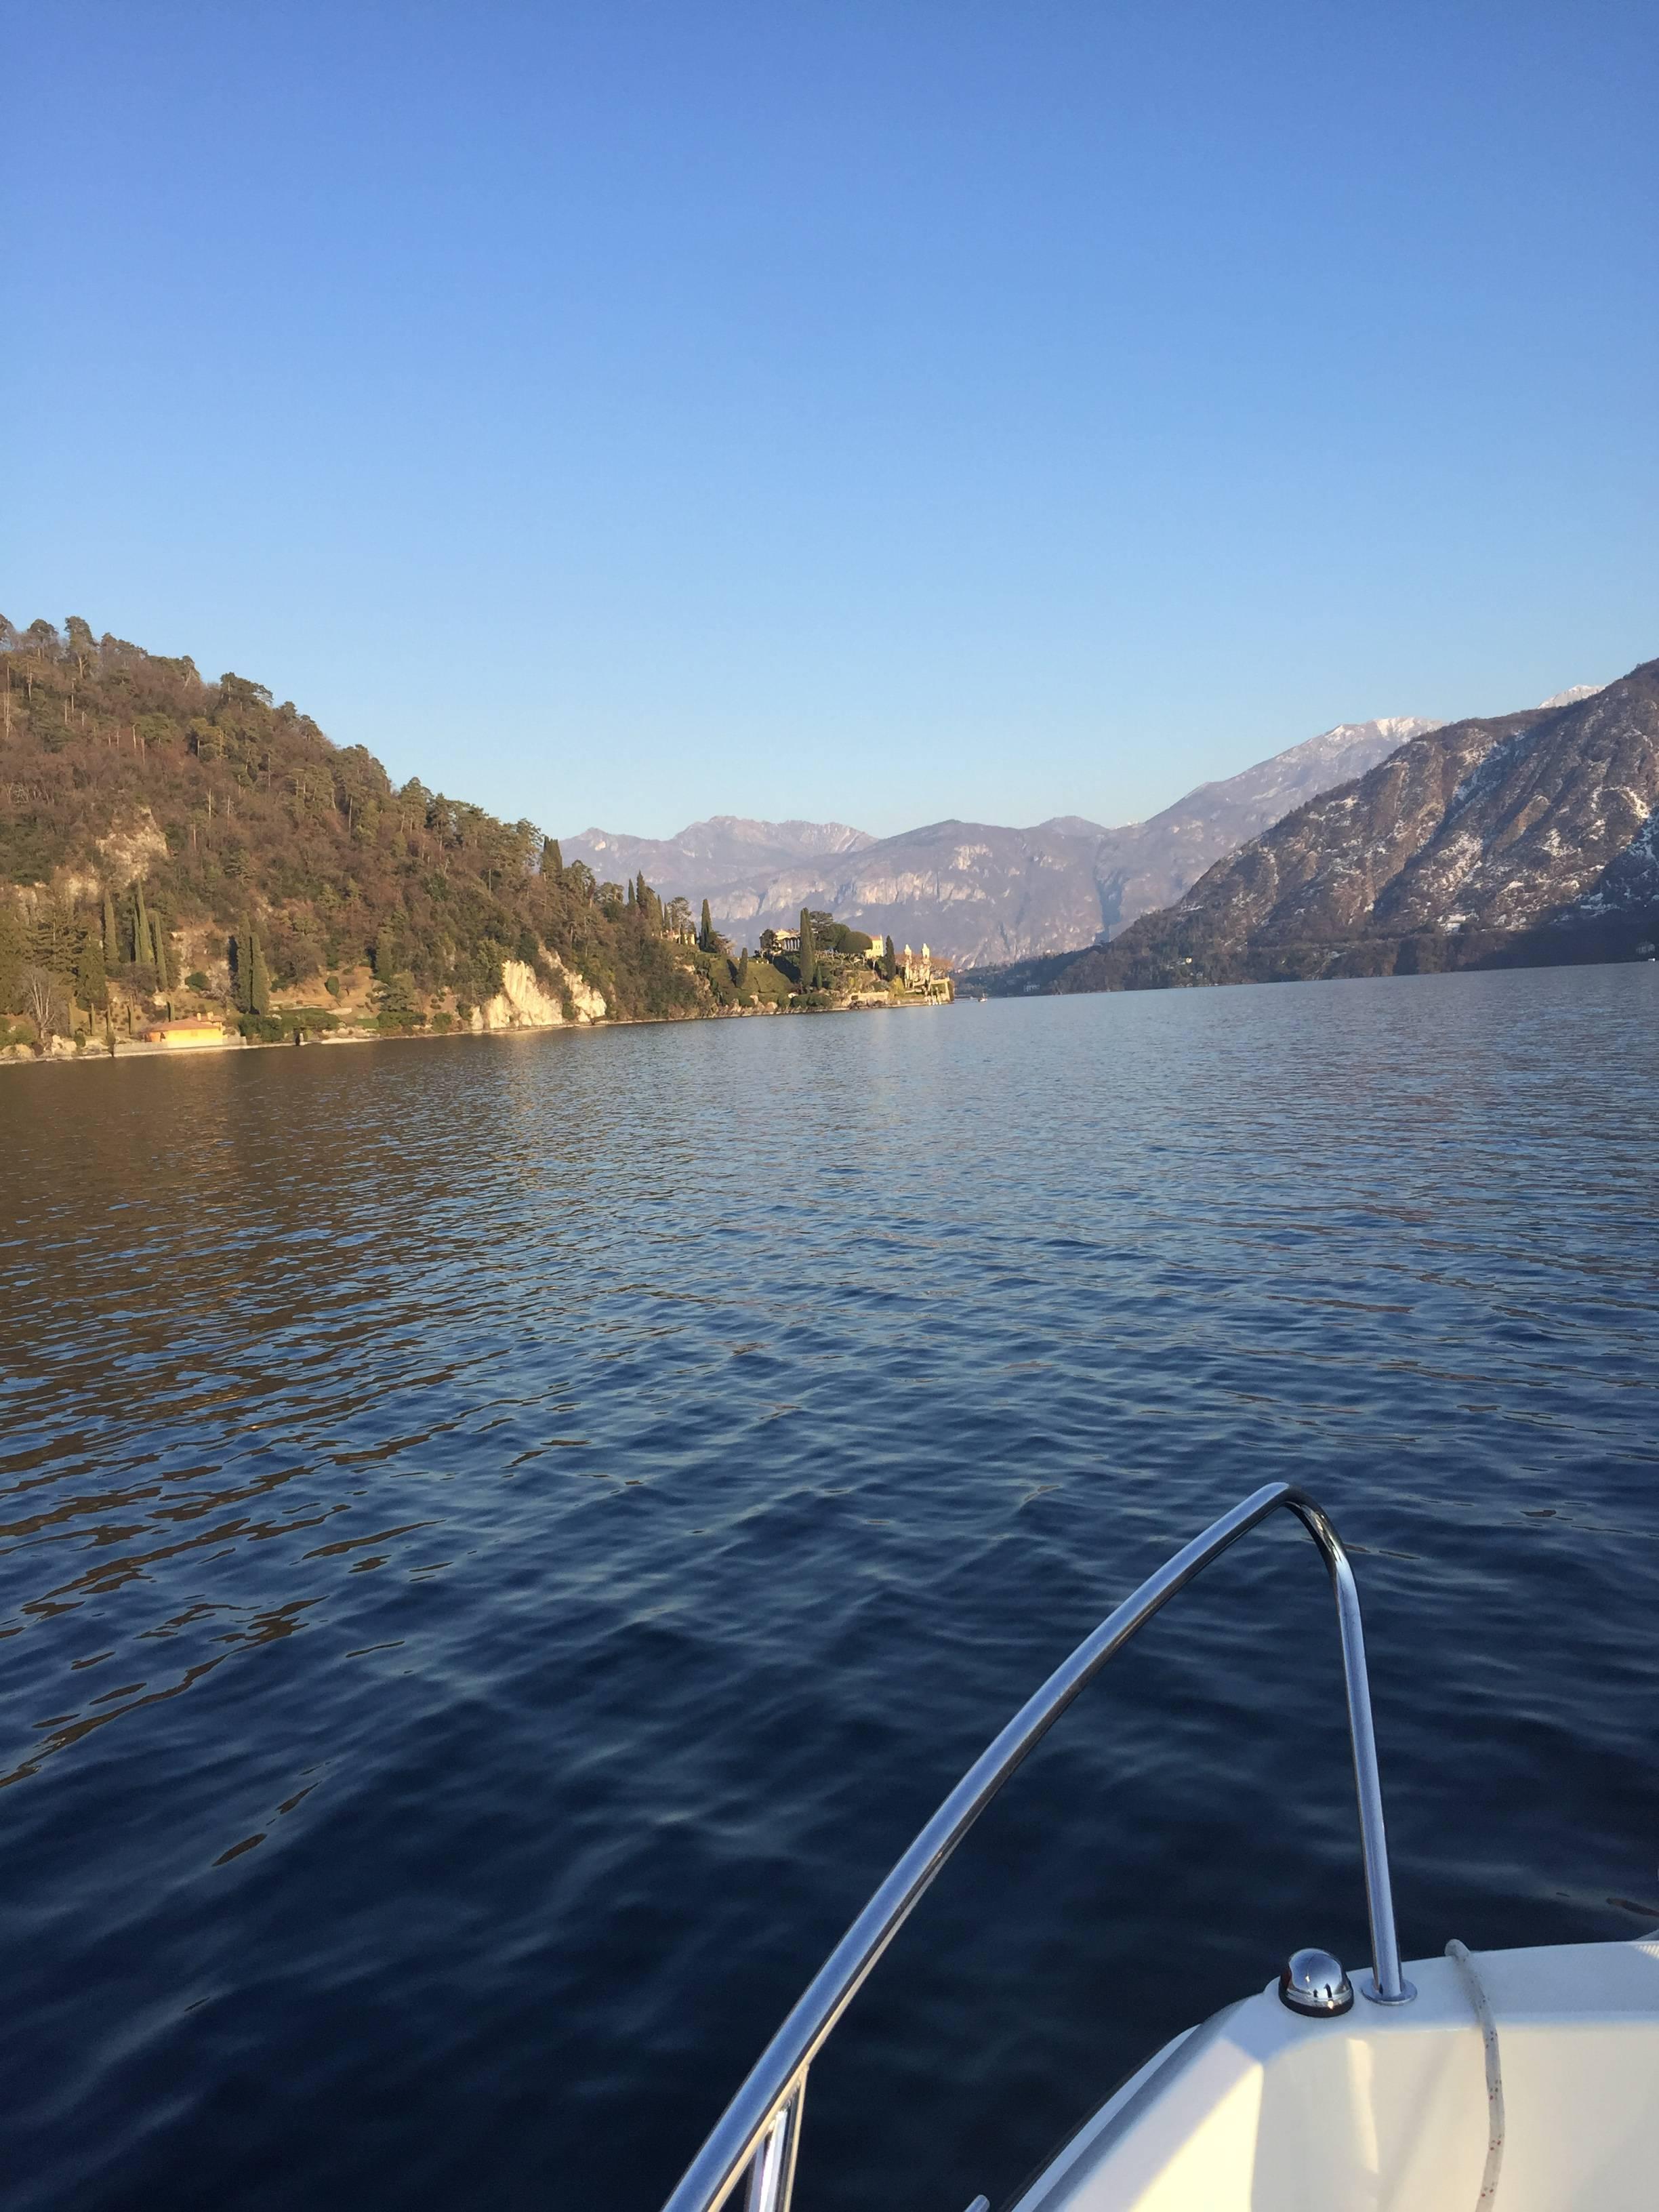 Photo 2: Balade en bateau sur le lac de Côme (oui oui, on a conduit!)